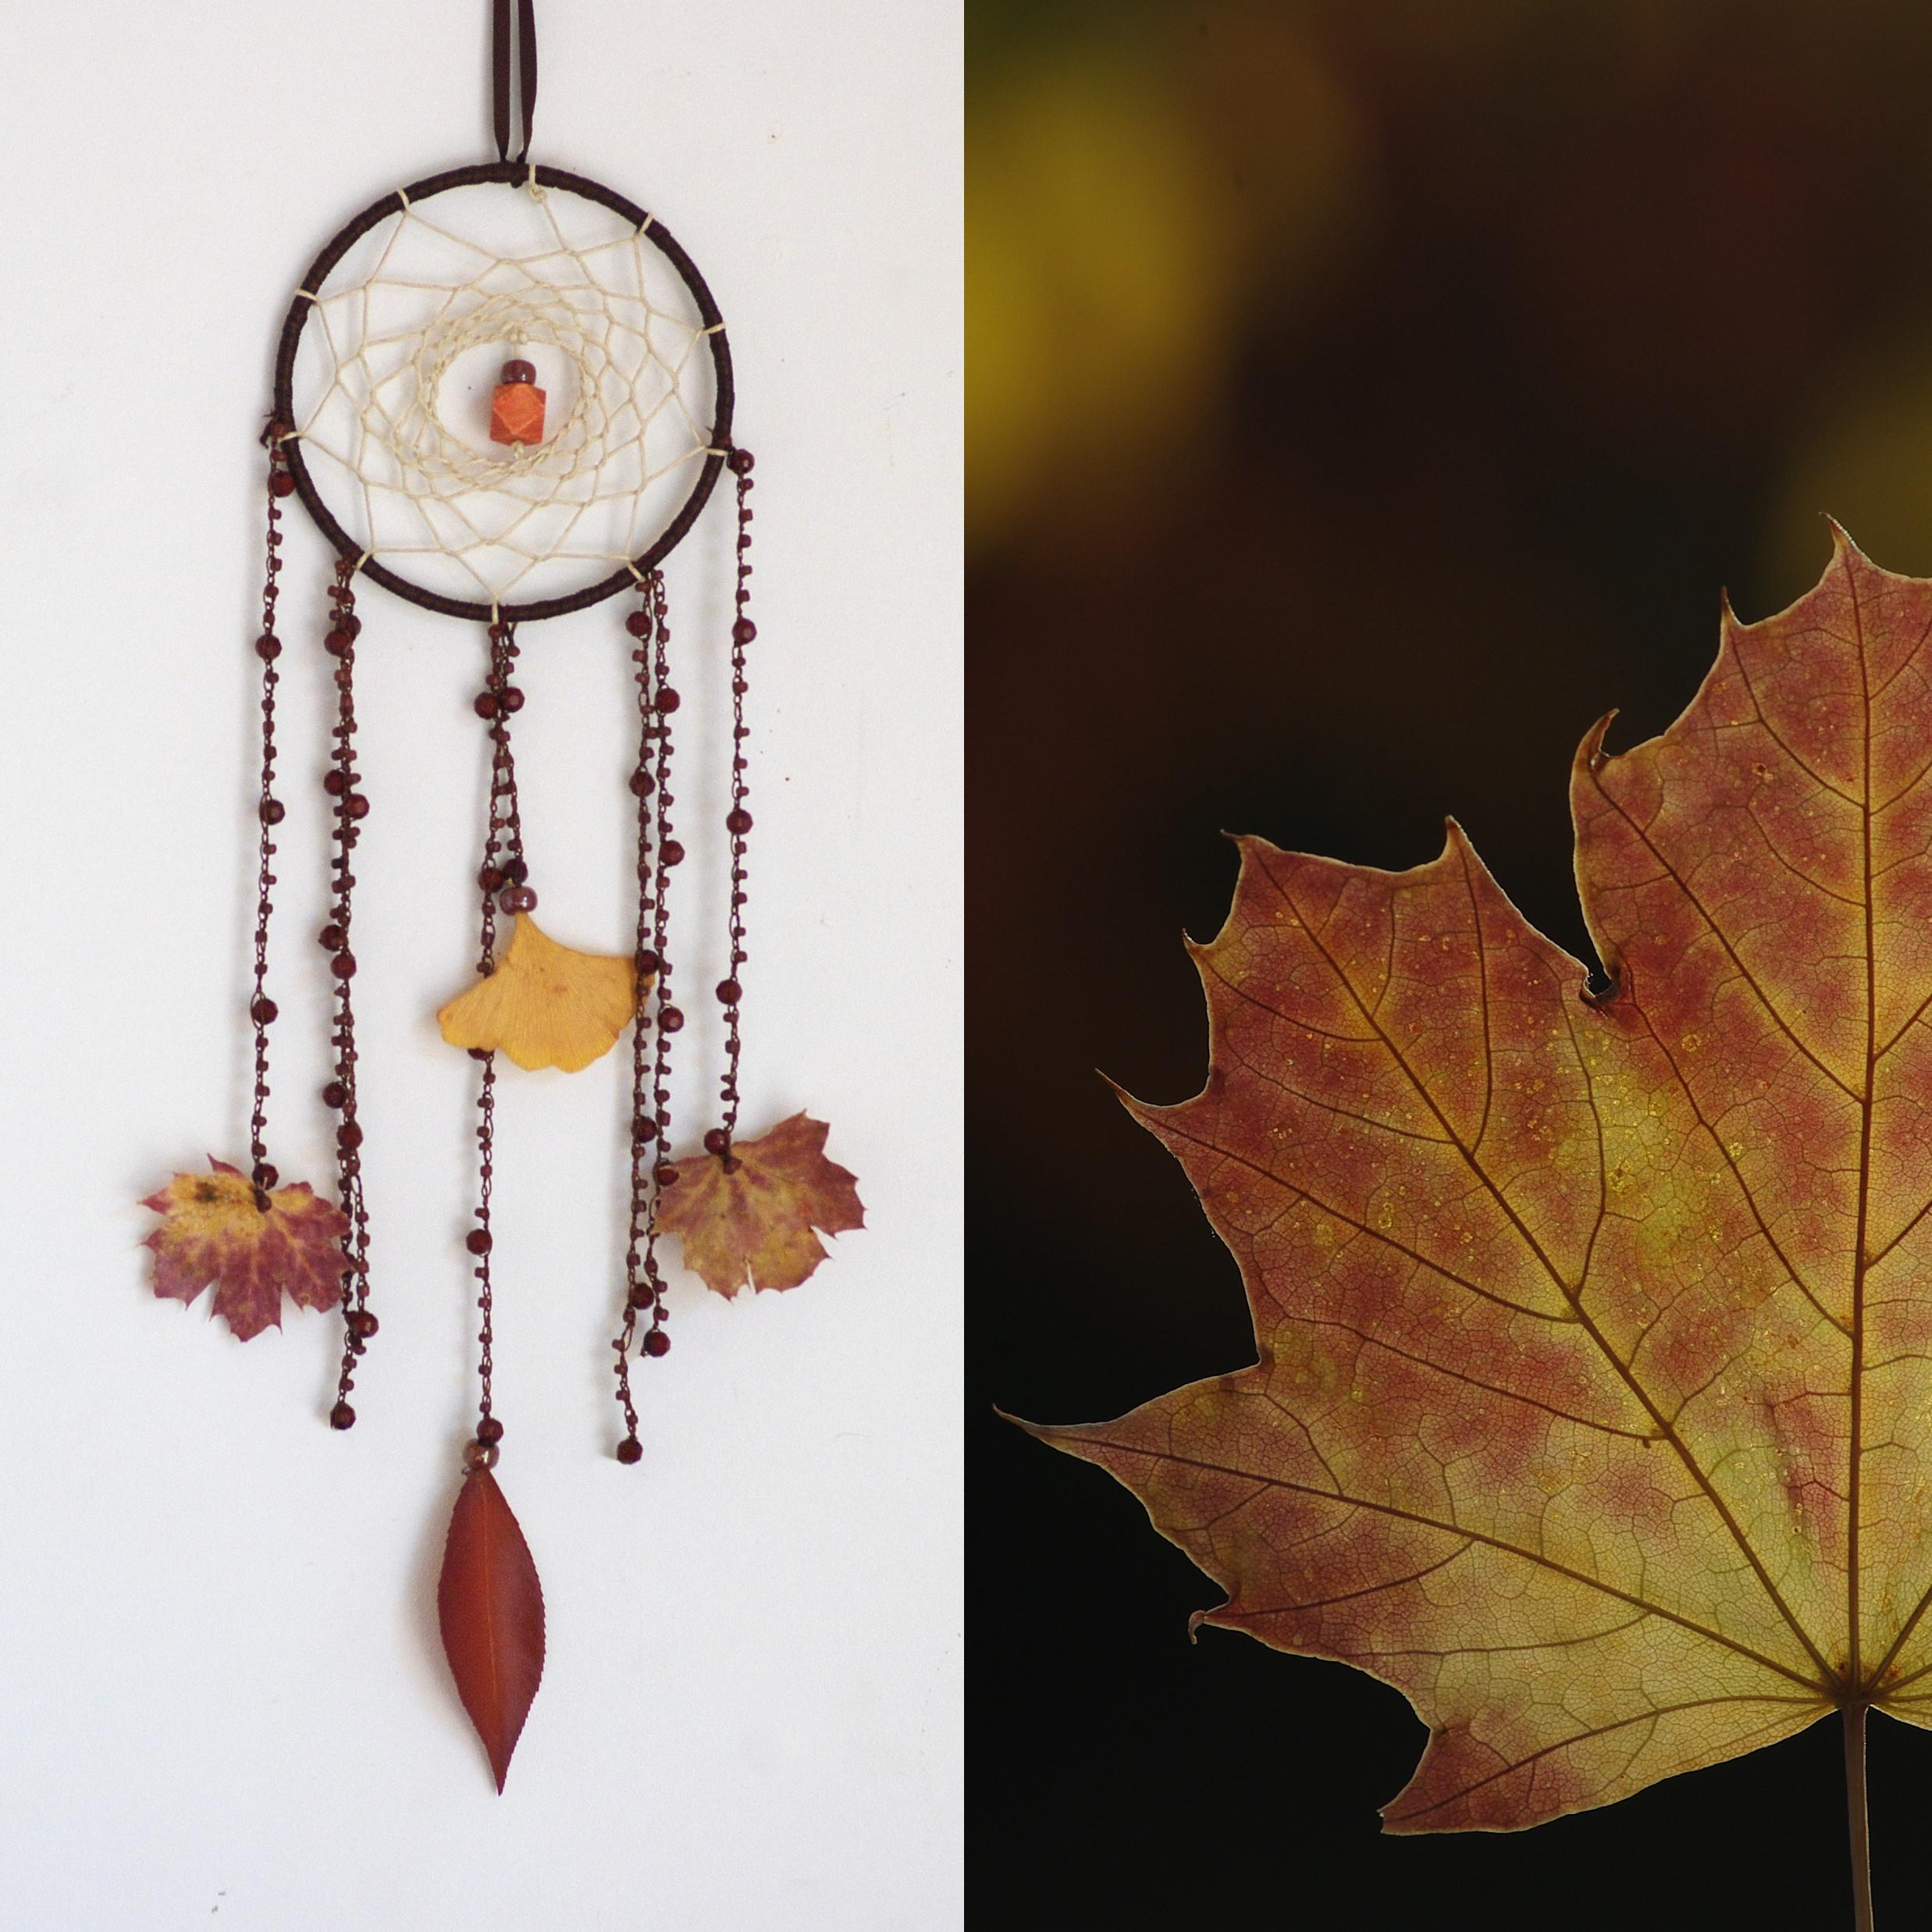 composition de deux photos. Création : un dreamcatcher dont les plumes ont été remplacées par des feuilles , inspiration :une feuille d'automne en gros plan